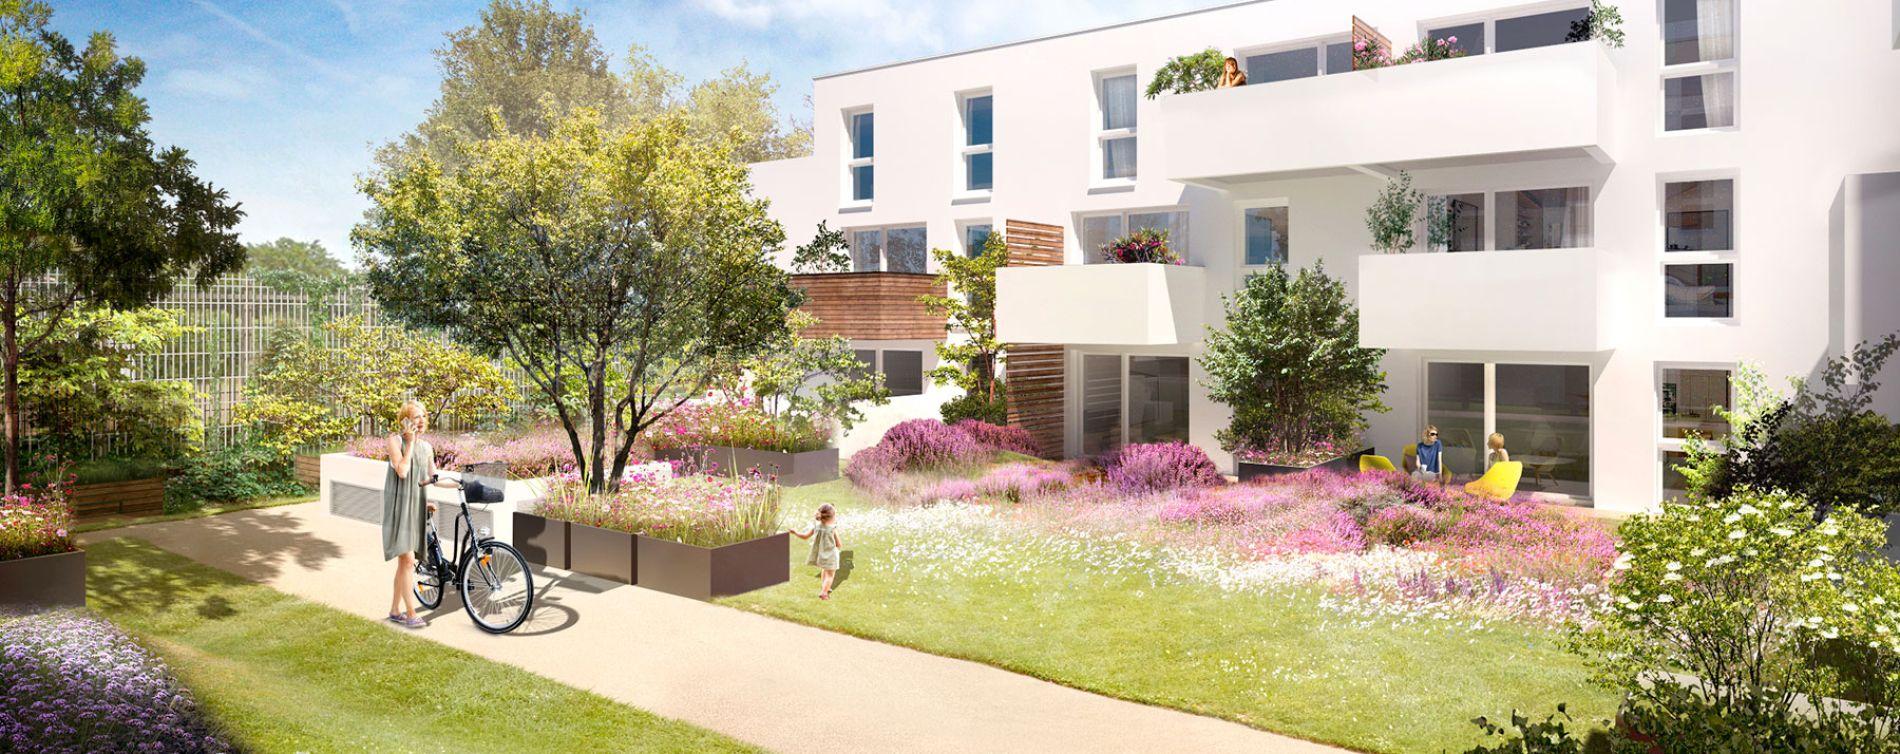 Résidence Vill'Garden 2 à Villenave-d'Ornon